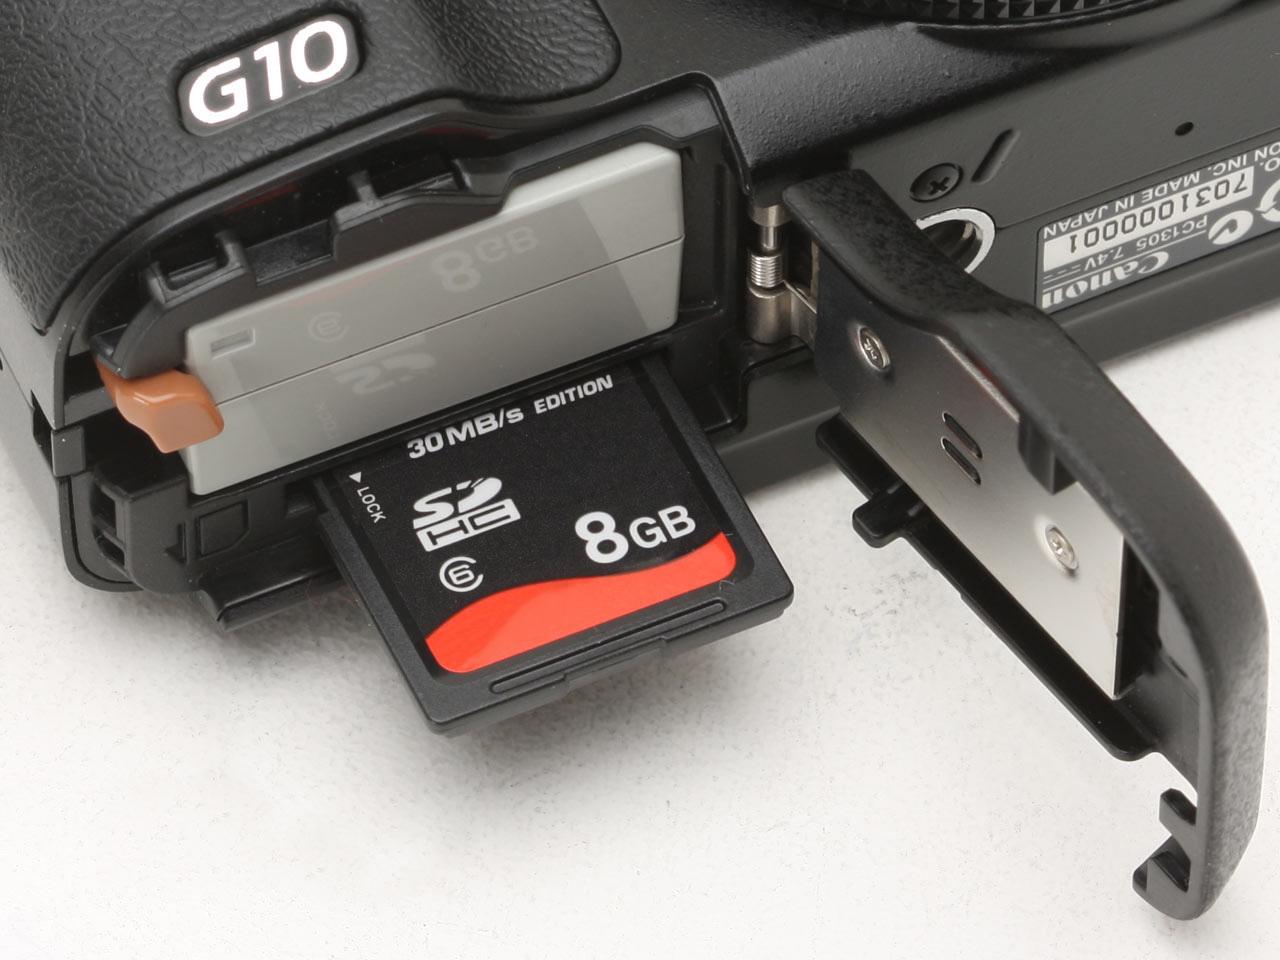 Развитие SD-карт: как скорость записи увеличилась с 2 до 30 мегабайт в секунду - 3